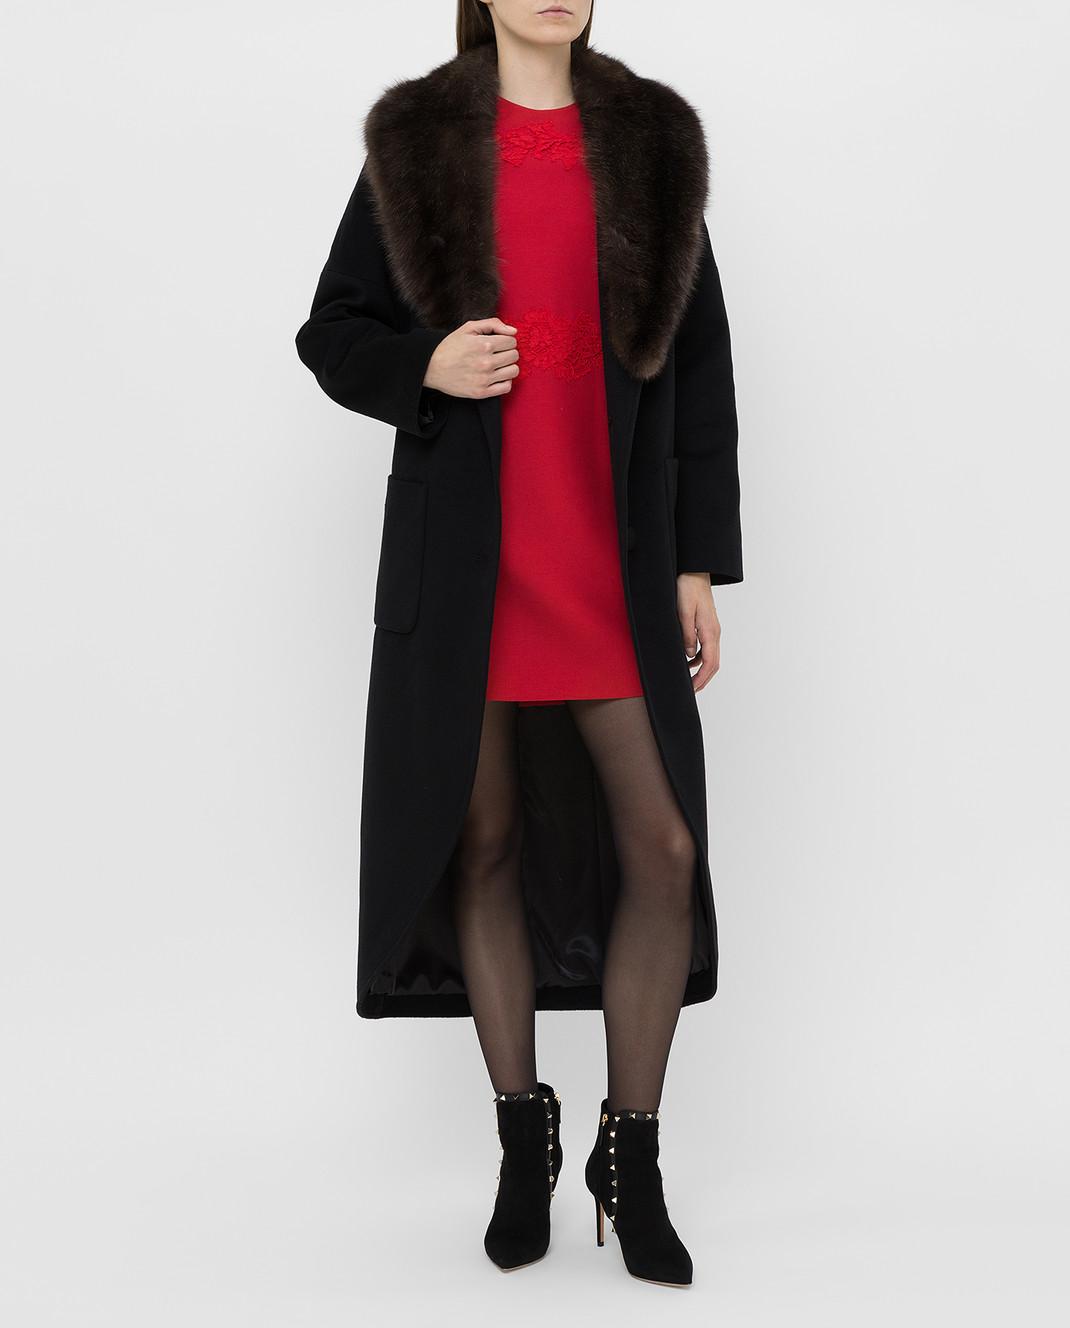 Real Furs House Черное пальто из кашемира с мехом соболя GT02 изображение 2